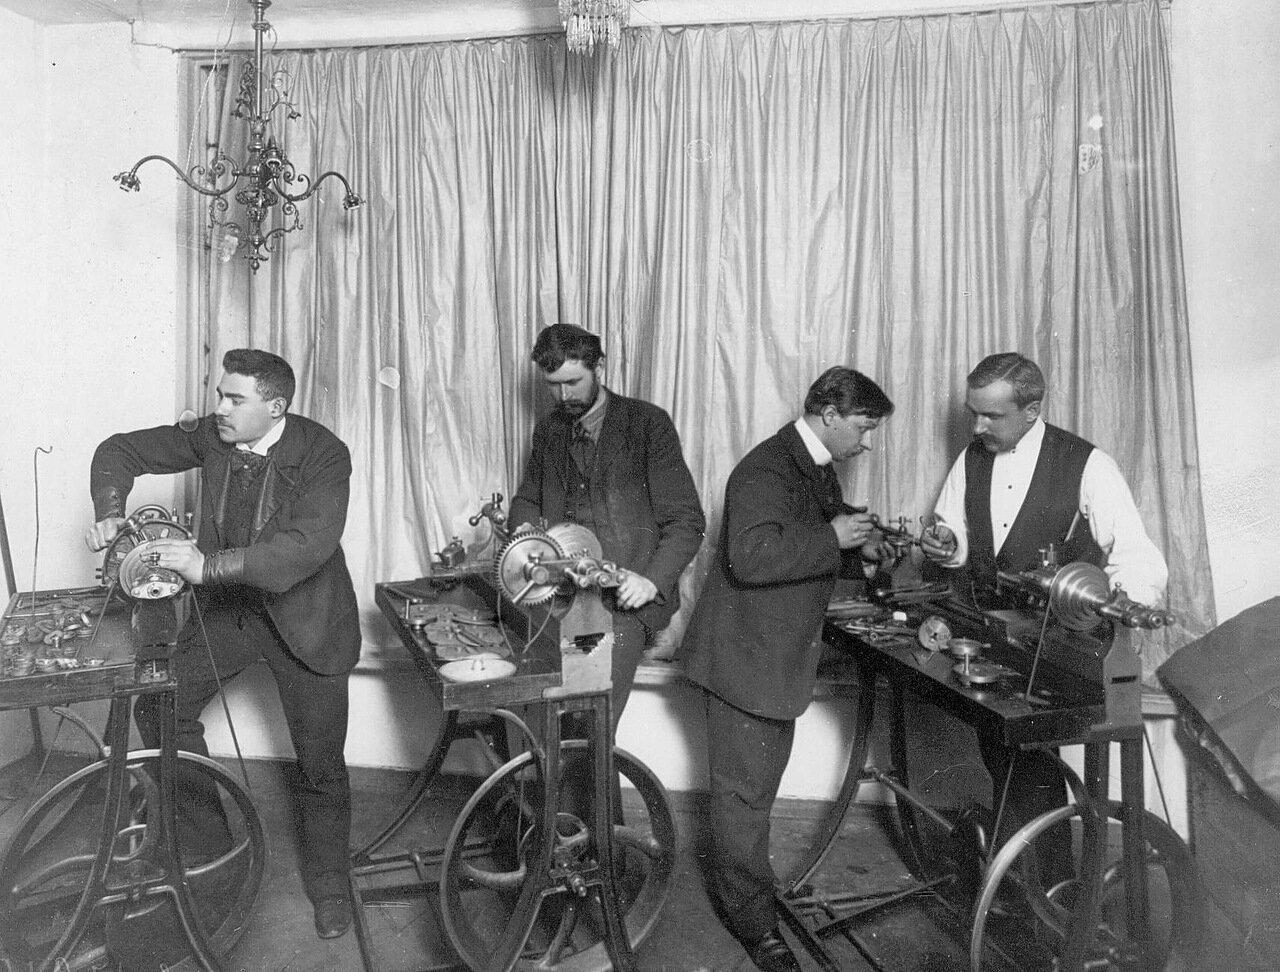 03. Ножные машины для шлифовки мелких деталей для граммофонов. 1910